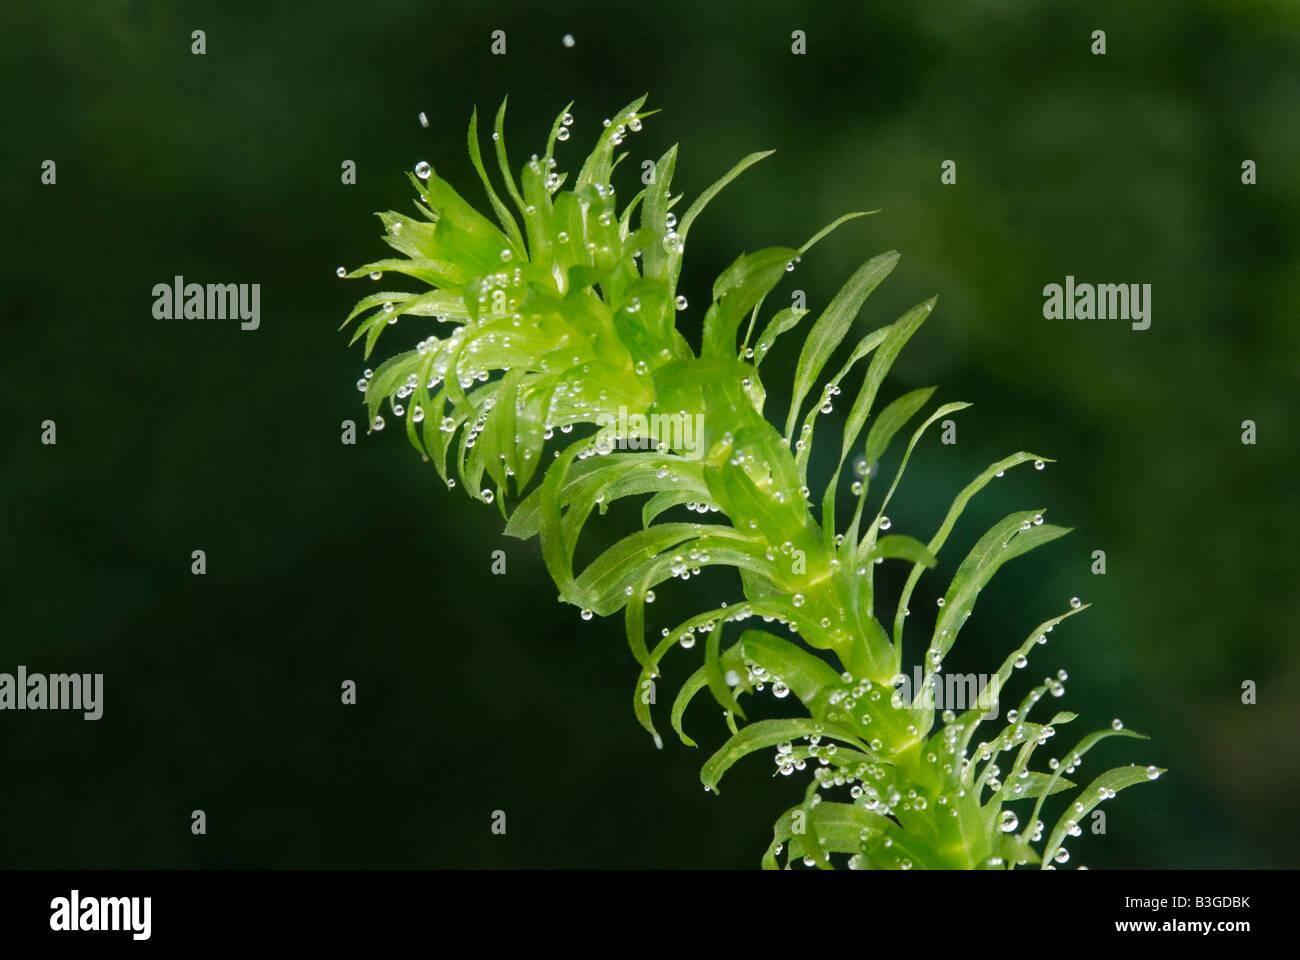 Ramita de la planta acuática Elodea, estanque weed produciendo oxígeno burbujas de la fotosíntesis Imagen De Stock